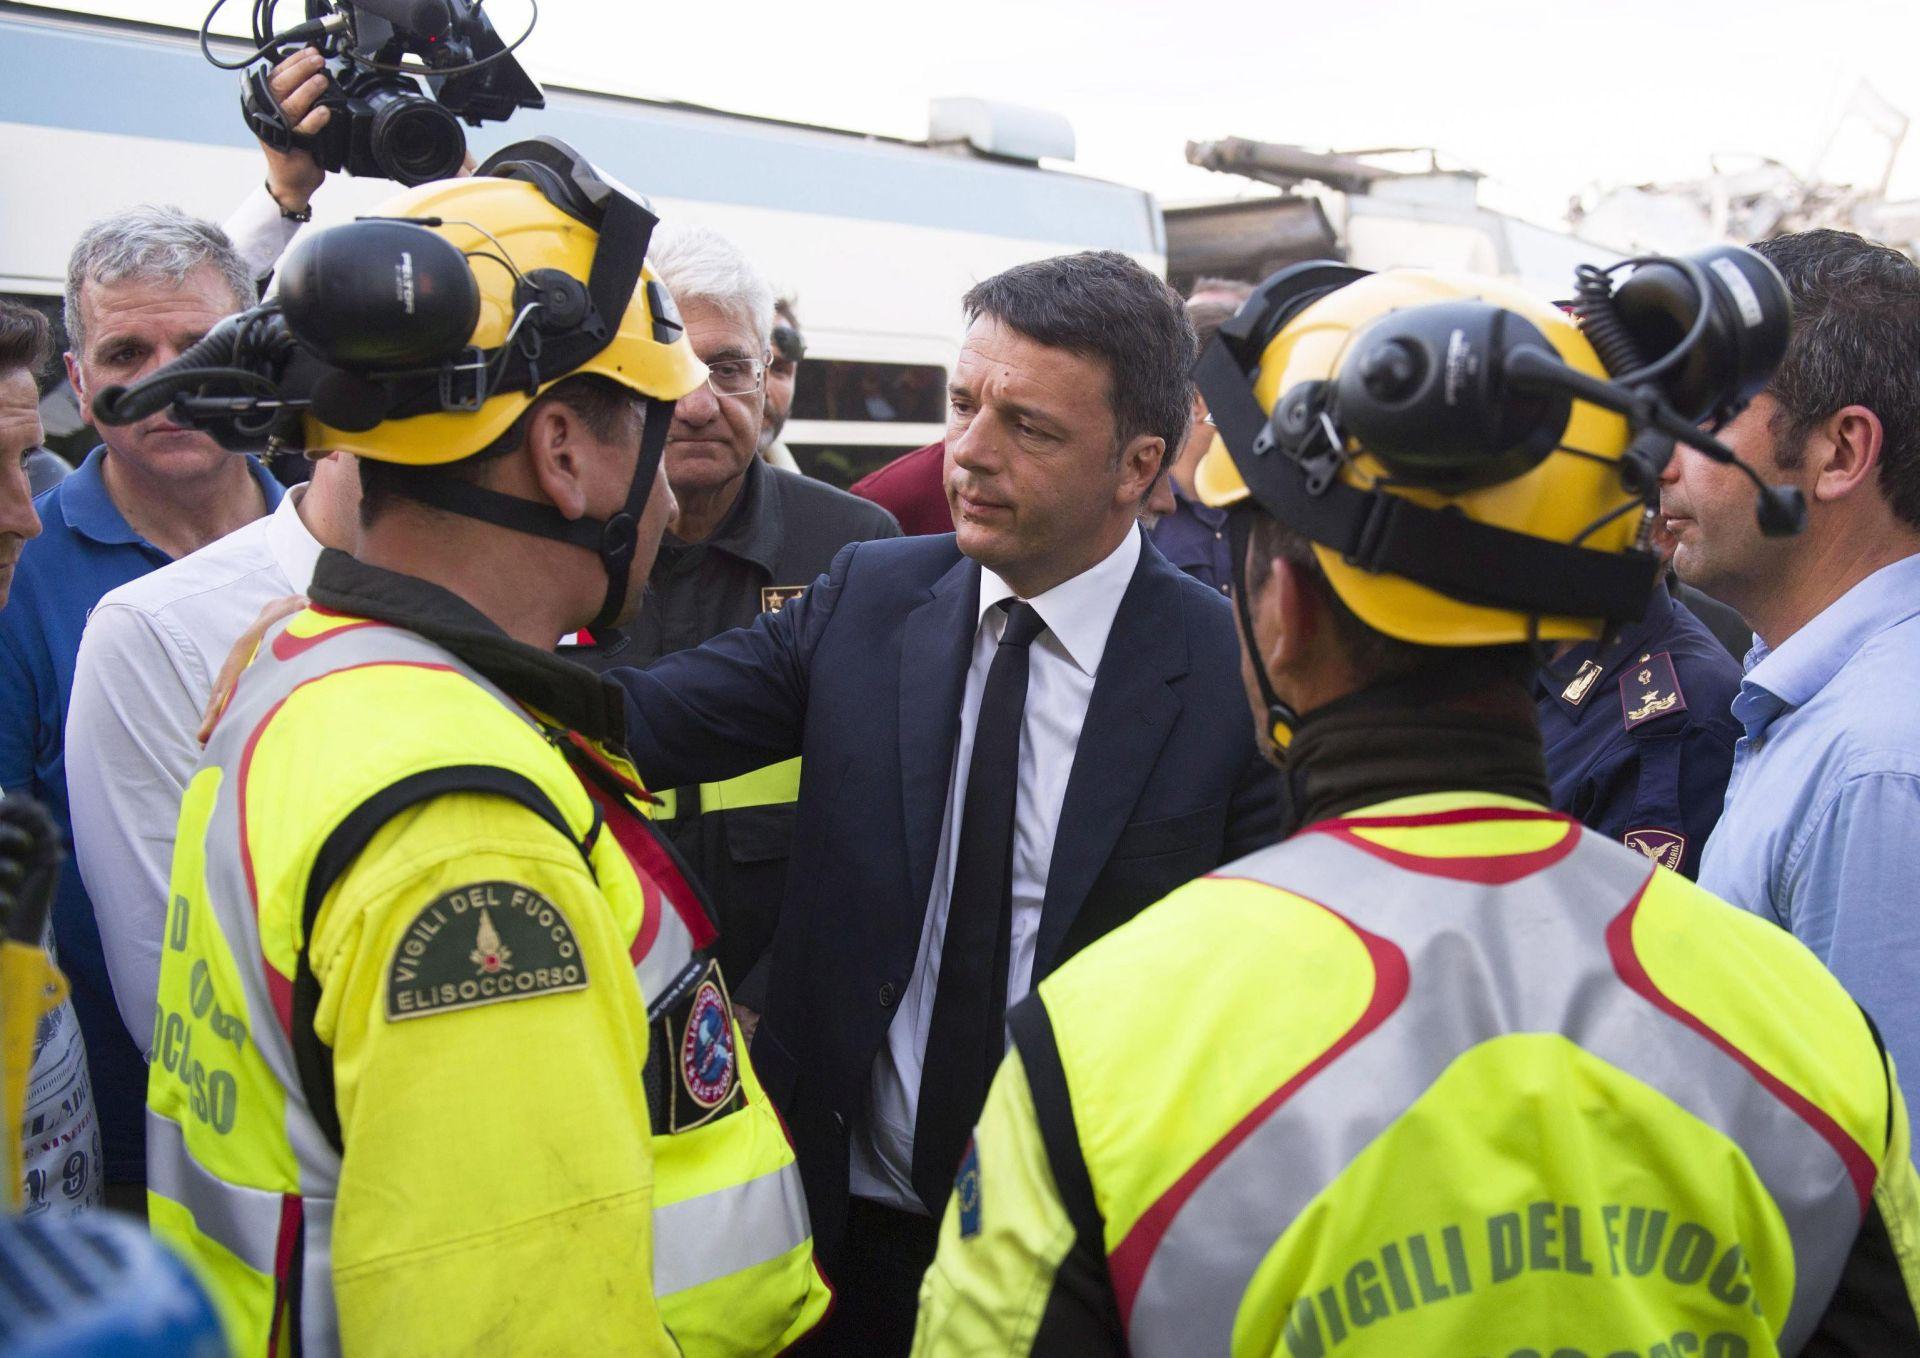 ŽELJEZNIČKA NESREĆA: Broj poginulih u sudaru vlakova u Italiji najmanje 22